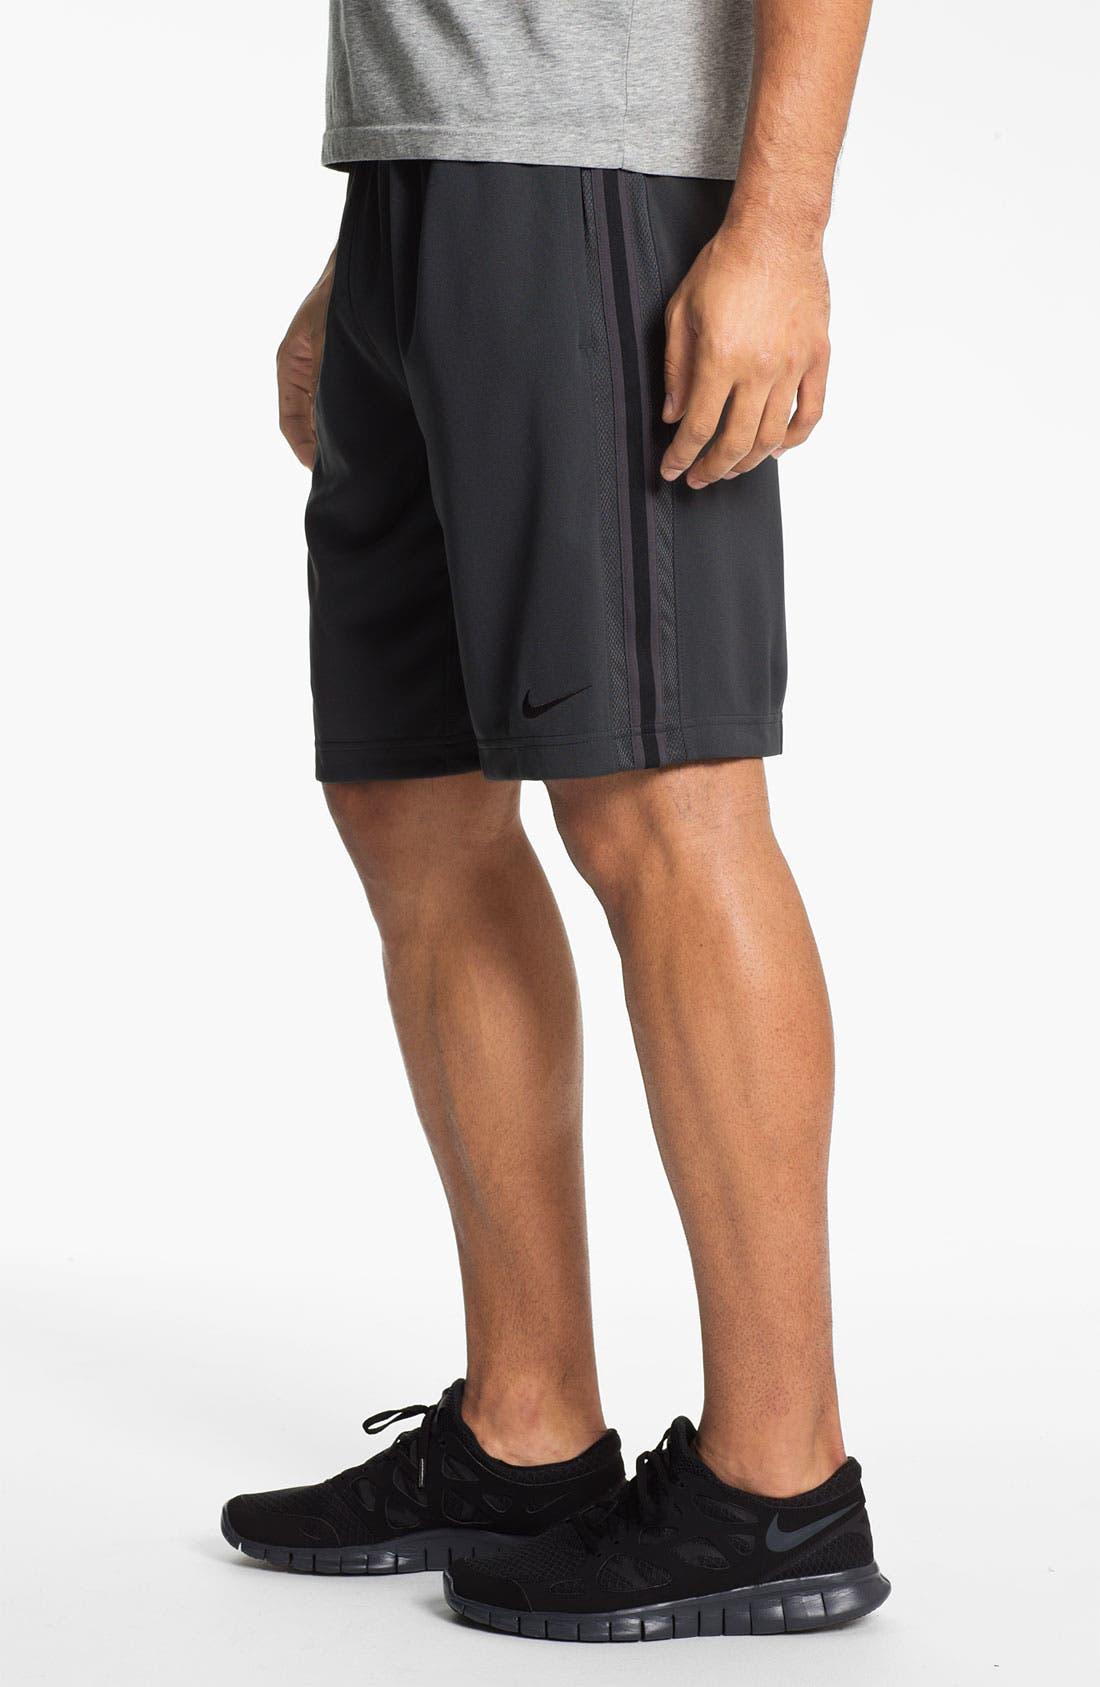 Alternate Image 1 Selected - Nike 'Epic' Knit Shorts